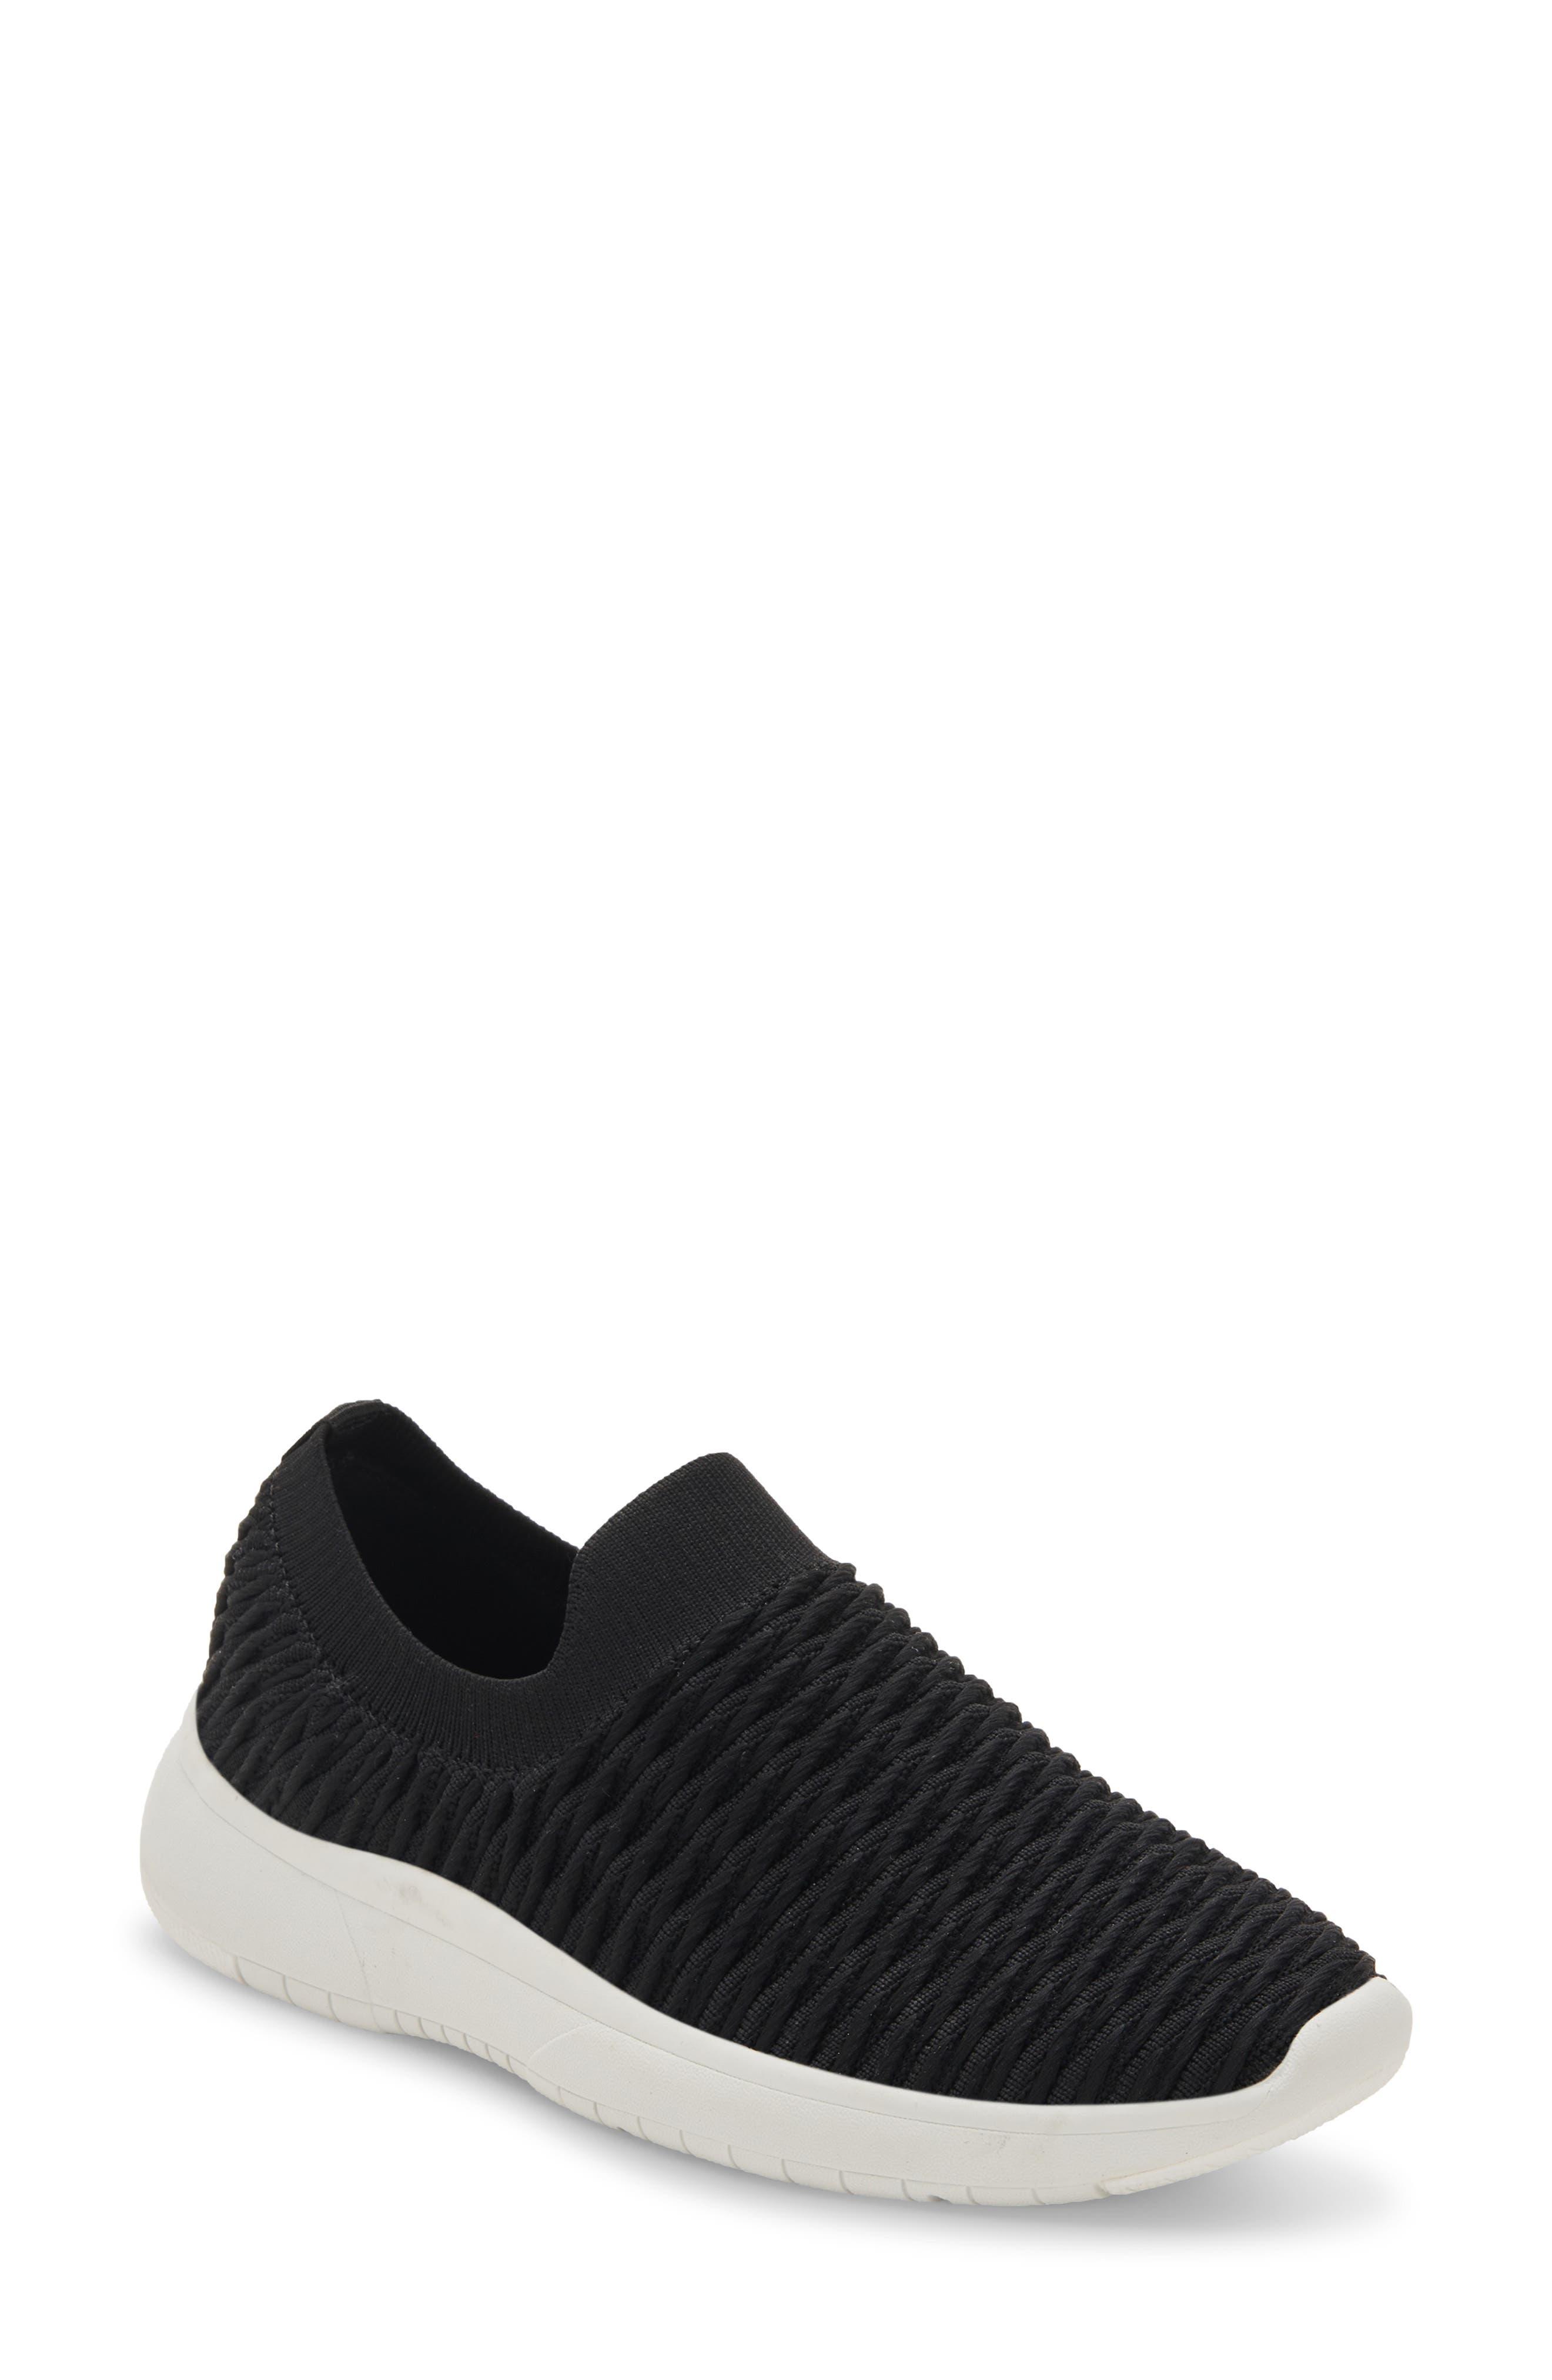 Kandi Waterproof Sneaker